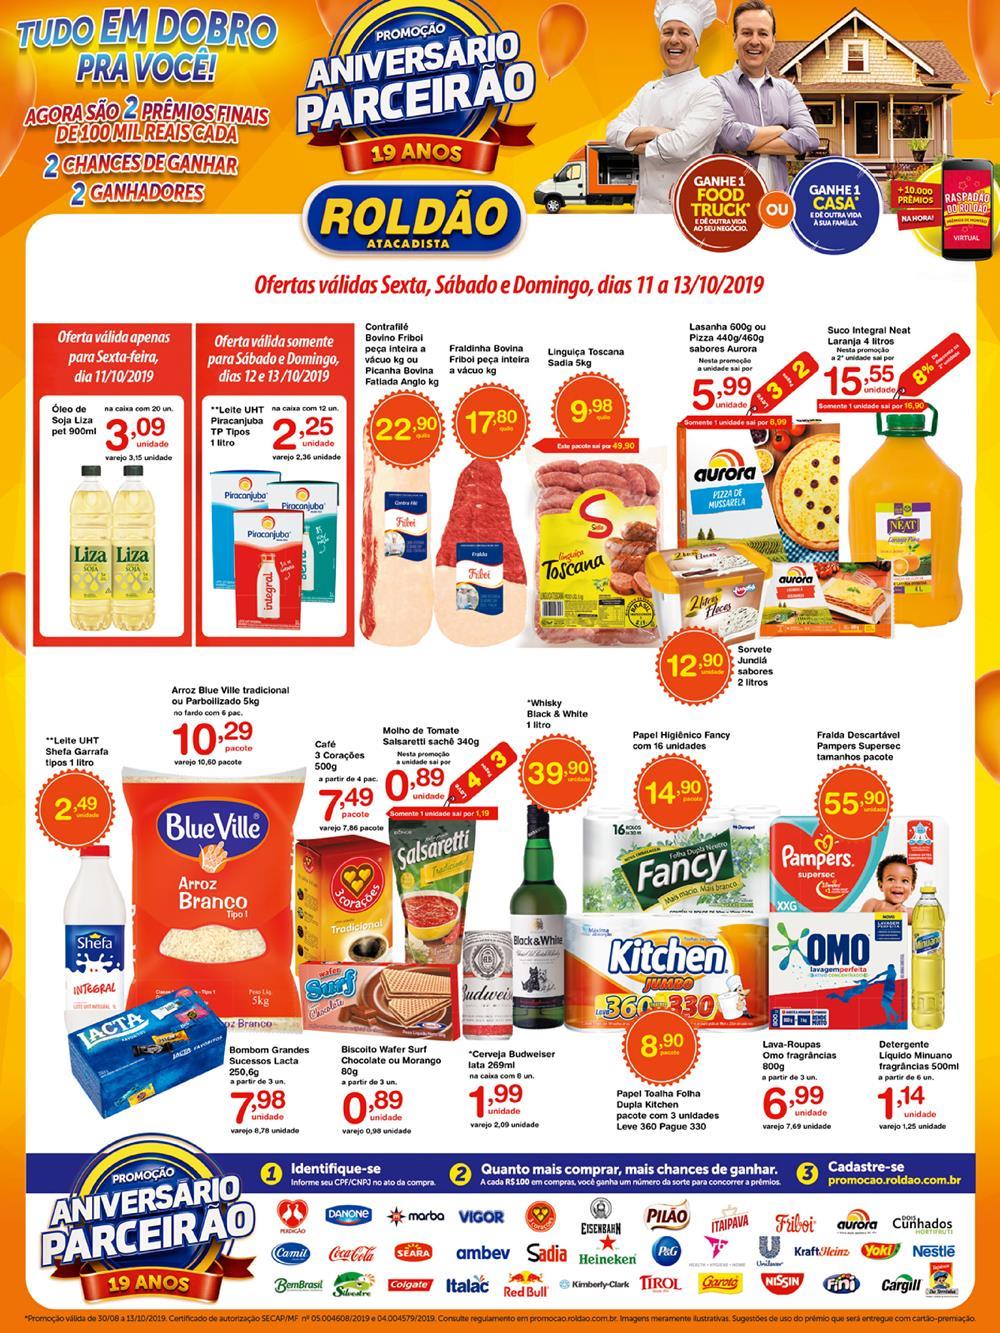 roldao-Ofertas-Tabloide1 Ofertas de supermercados - Black Friday 2019